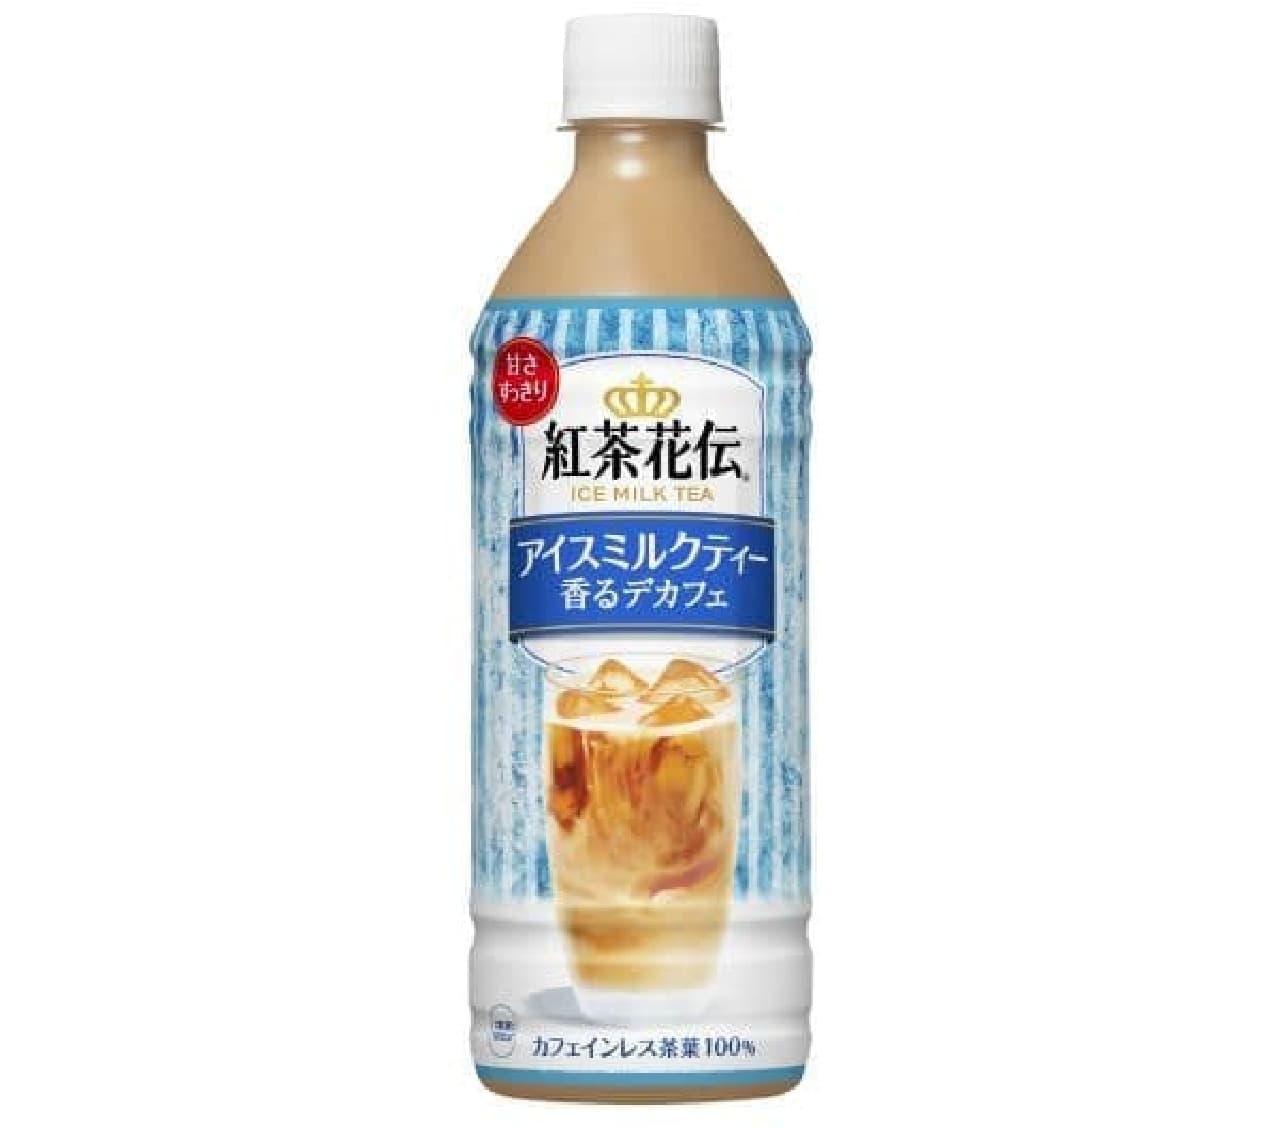 カフェインレス茶葉を100%使用した「紅茶花伝 アイスミルクティー 香るデカフェ」